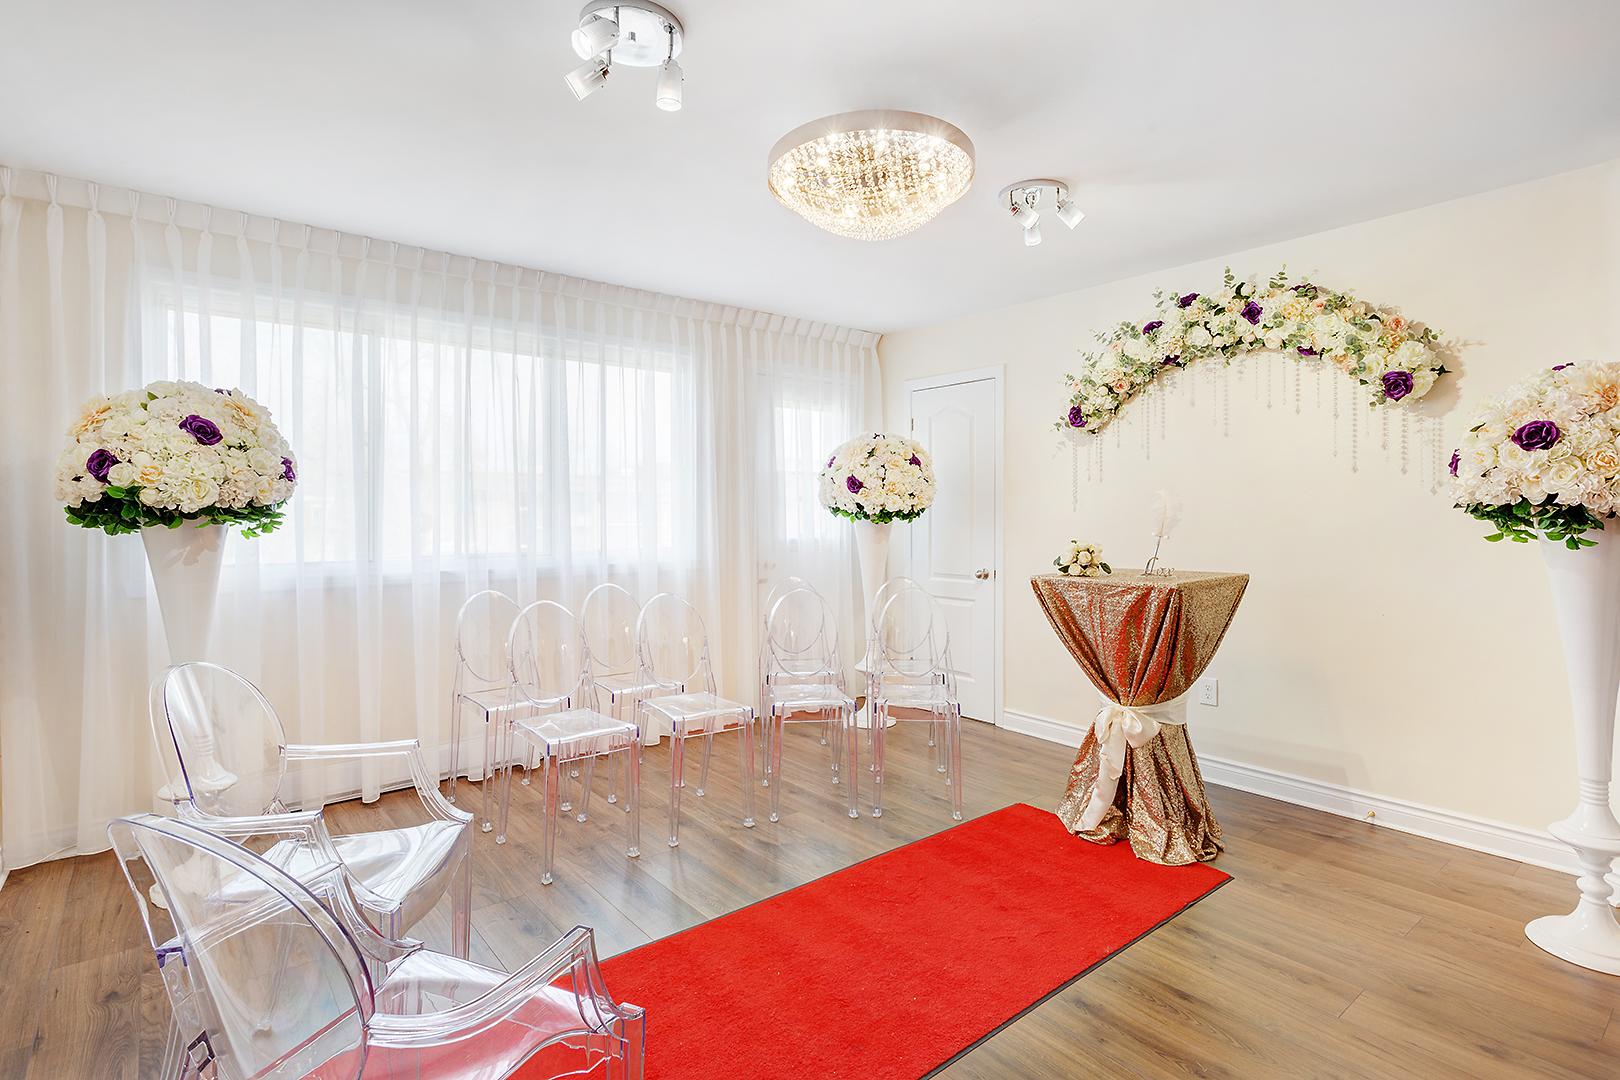 Notaire Montréal Laval Longueuil célébrant de mariage civil contrat de mariage salle de réception mariage pour cérémonie de célébration de mariage civil montreal-mariage-civil-palais-de-justice.jpg